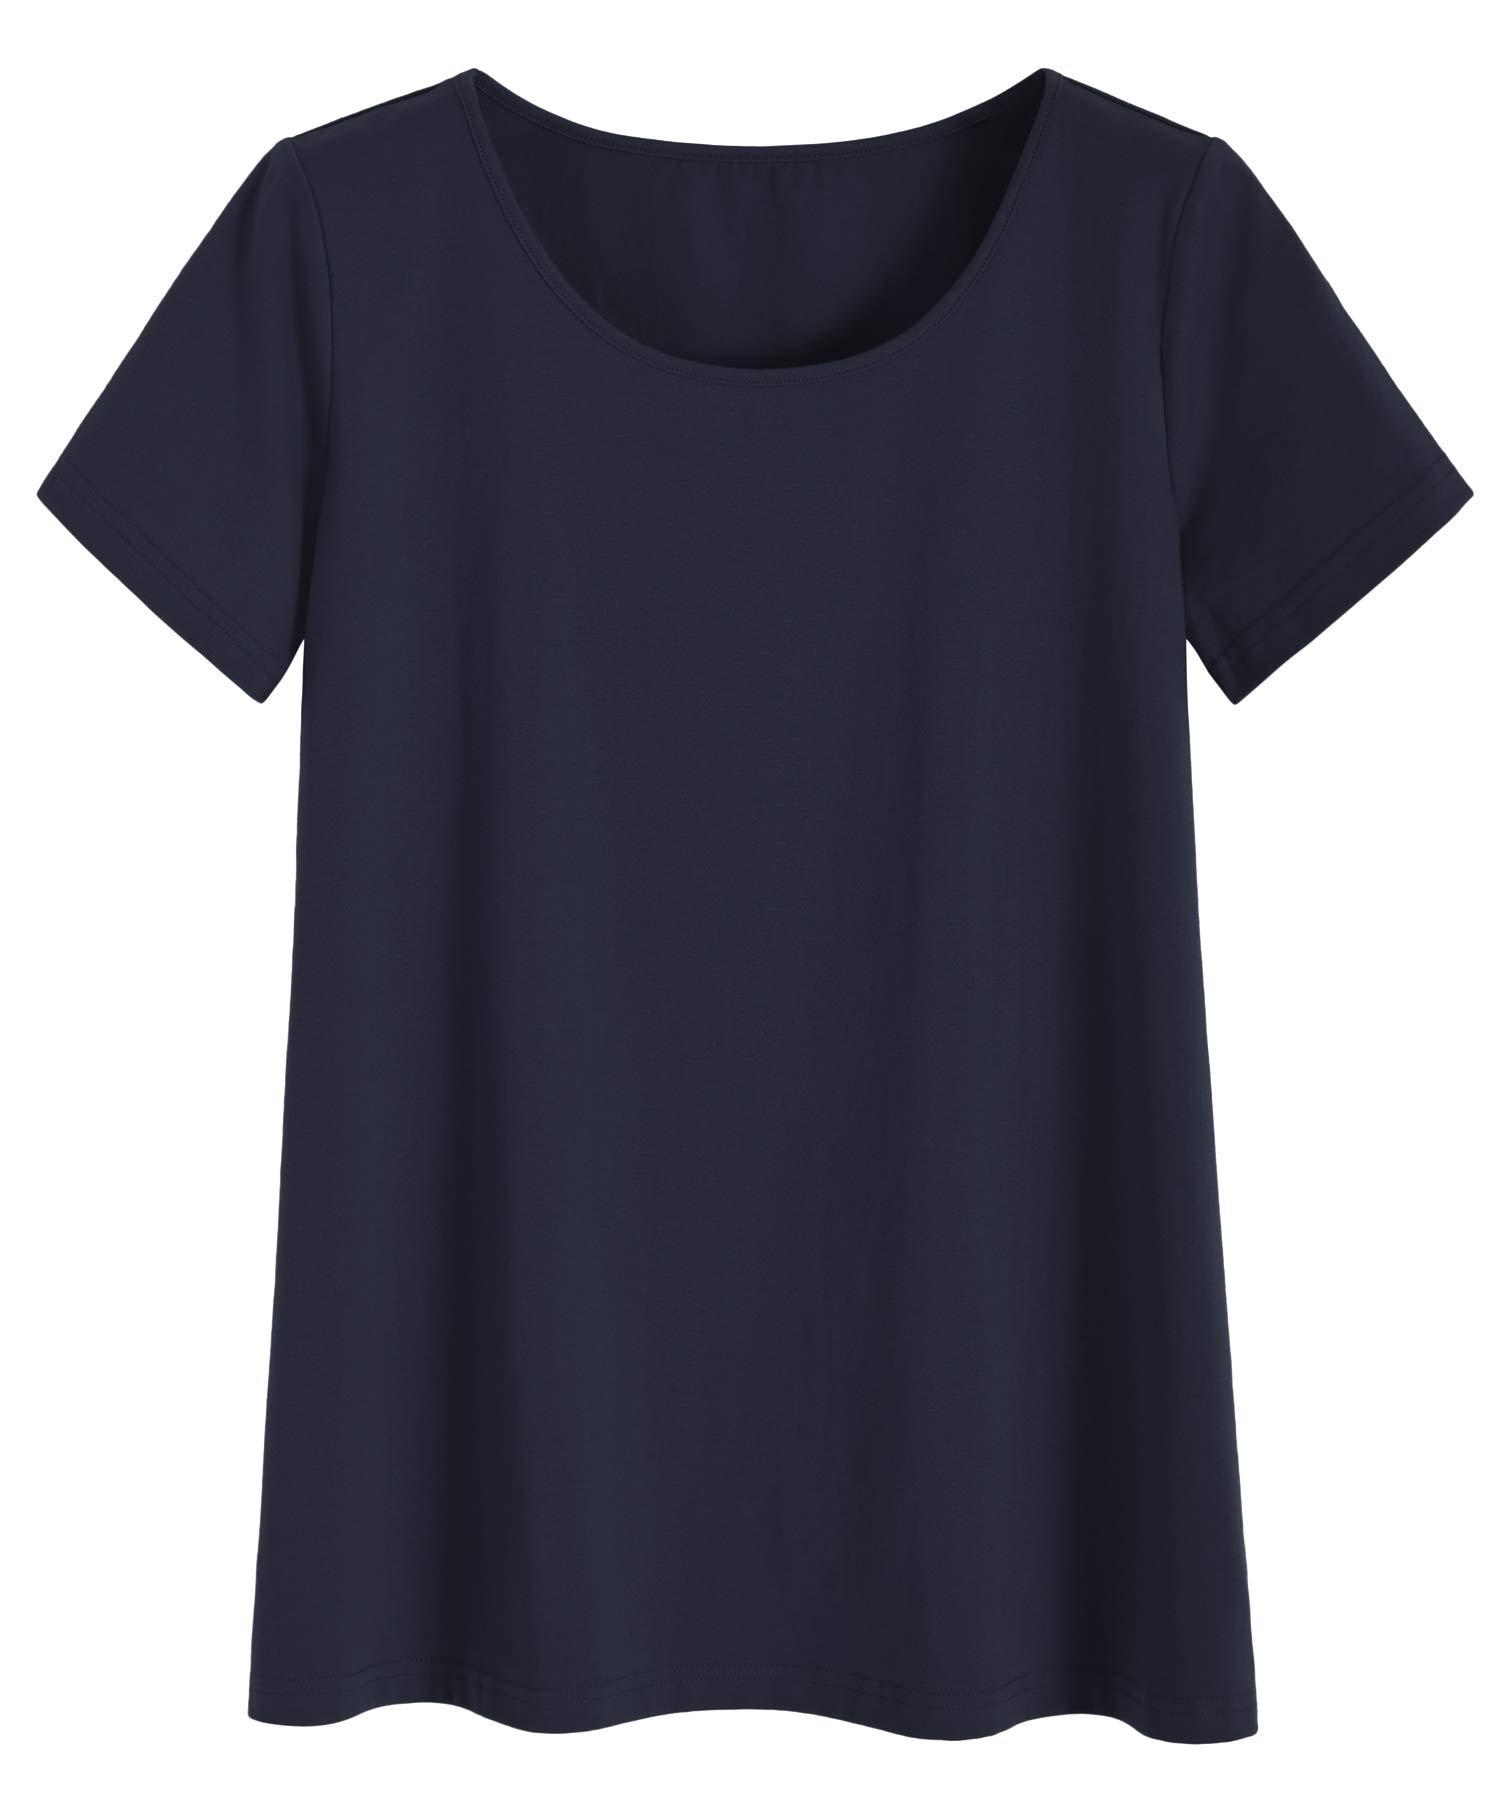 Latuza Women's Plus Size T-Shirt Summer Casual Top